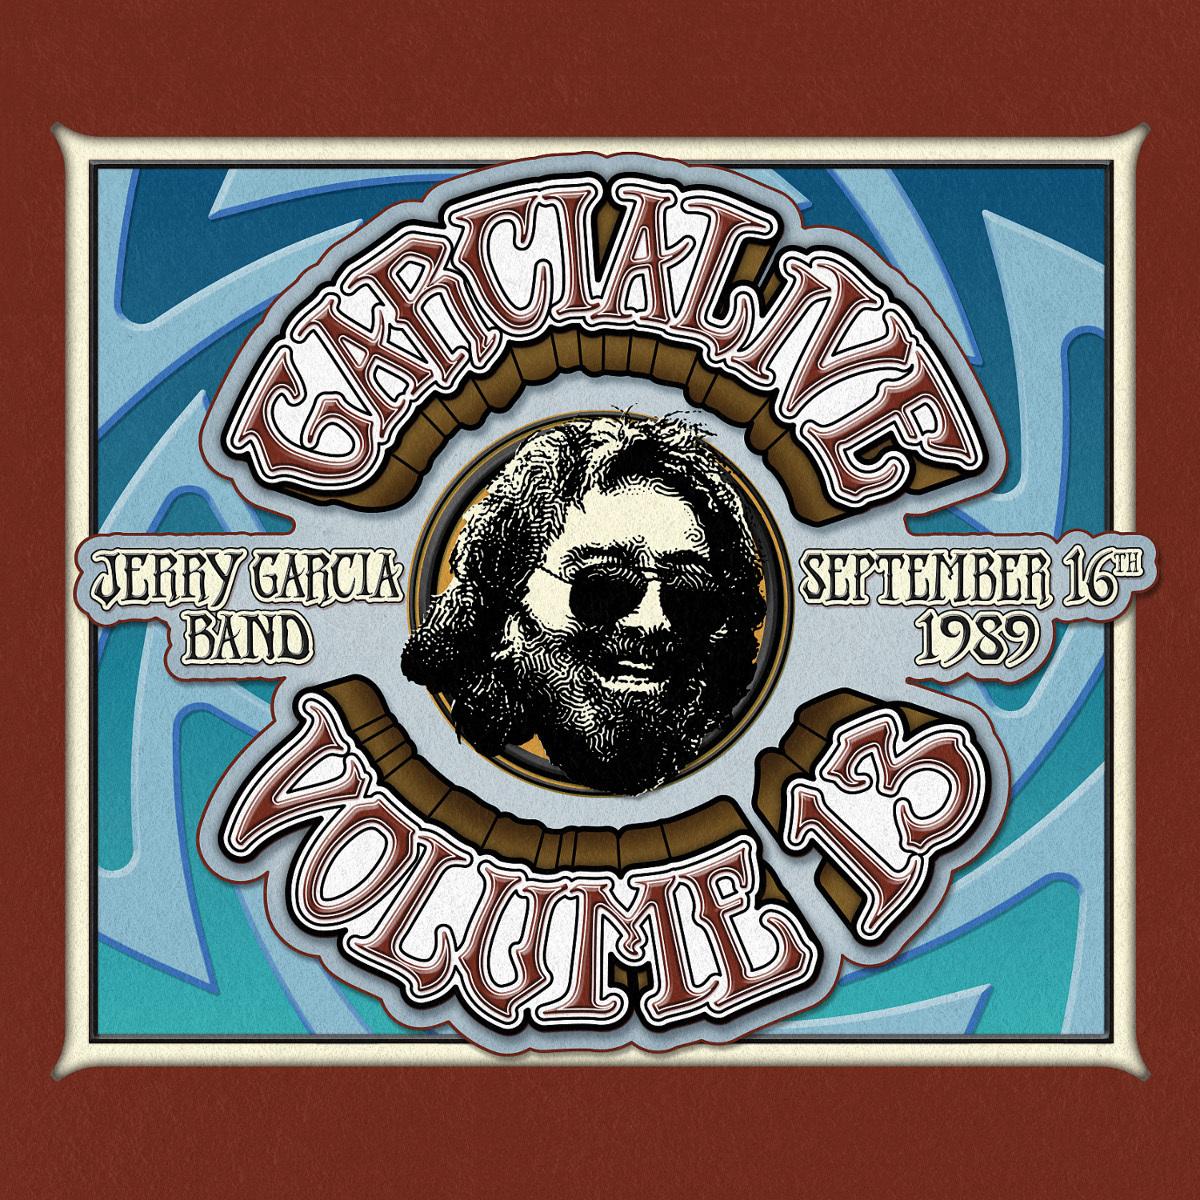 Jerry Garcia Band – GarciaLive Volume 13: 09/16/89 2-CD Set